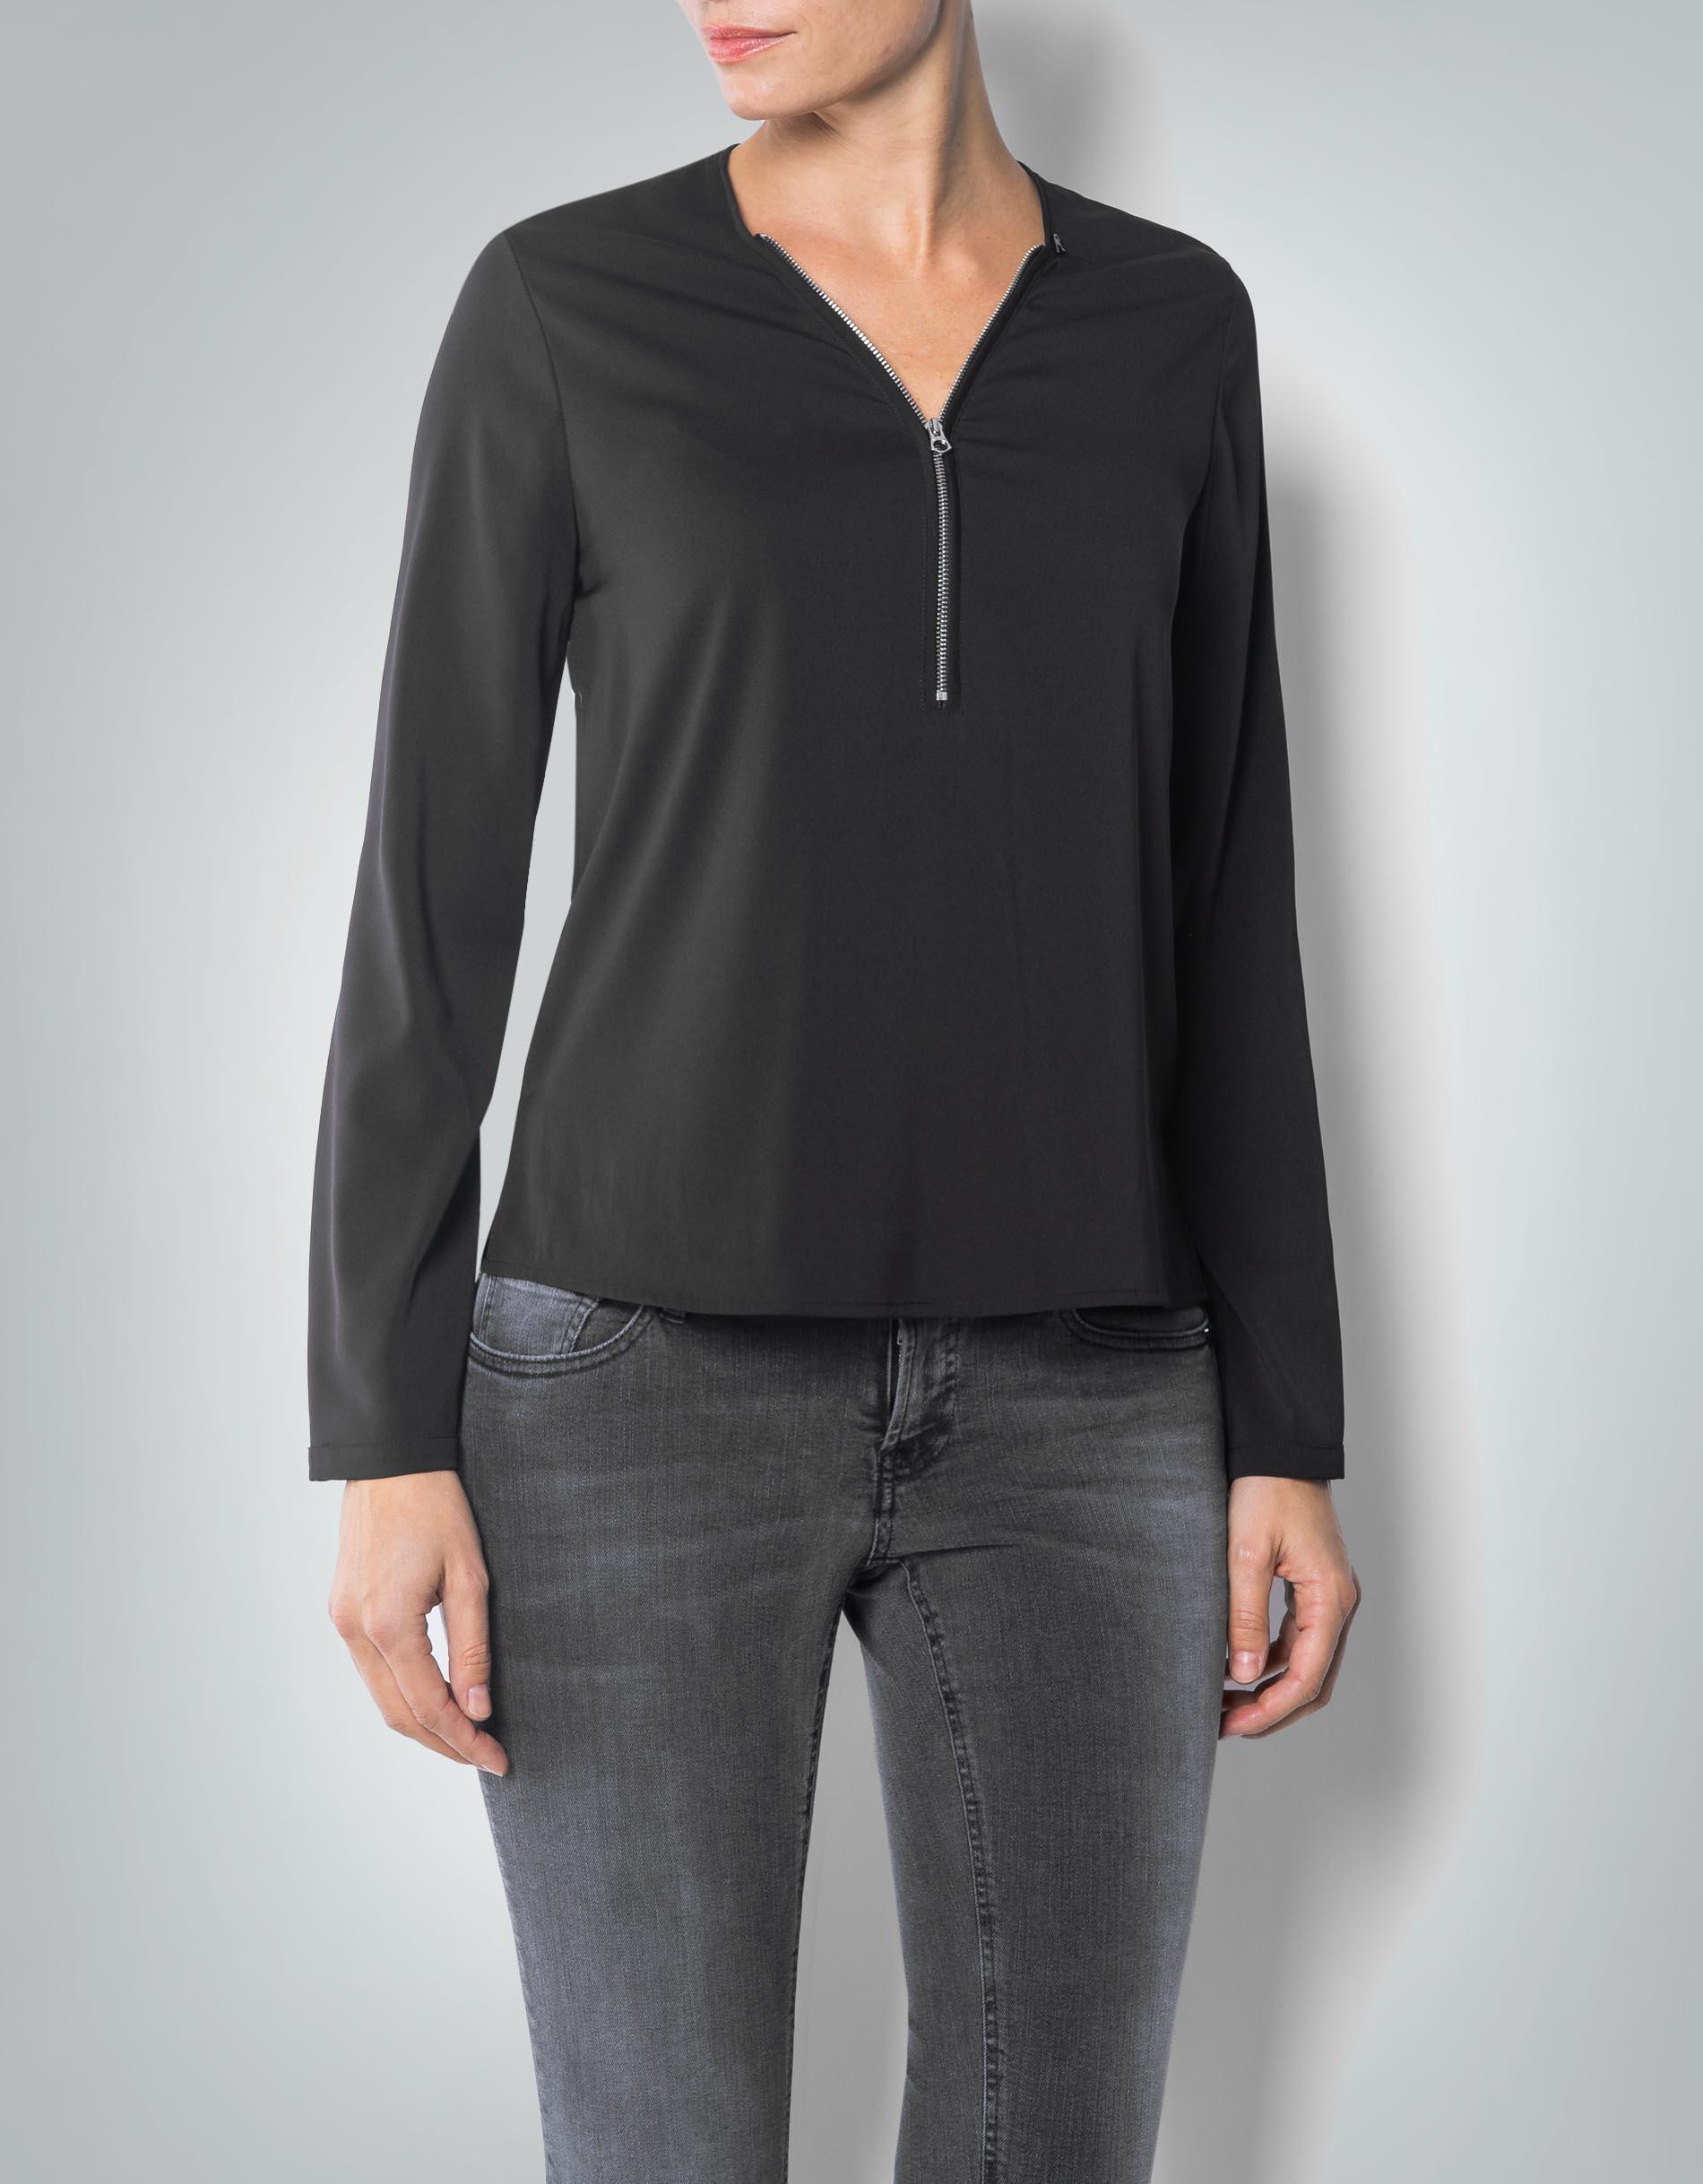 replay damen bluse mit rei verschluss am ausschnitt empfohlen von deinen schwestern. Black Bedroom Furniture Sets. Home Design Ideas